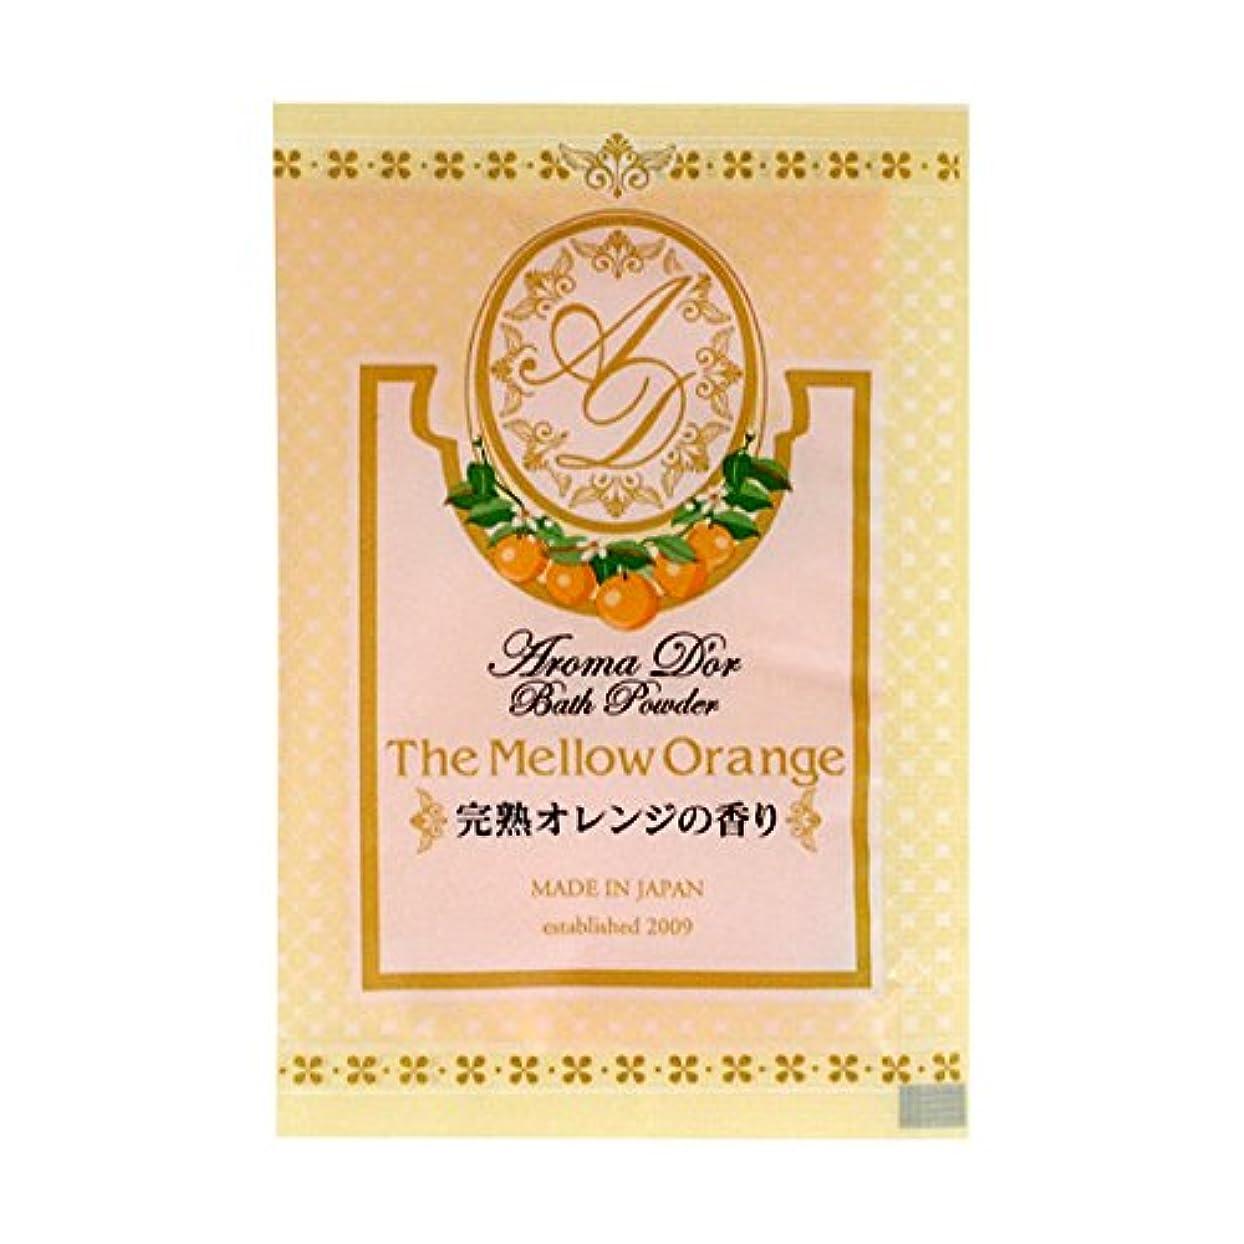 ちらつき教えるボリューム入浴剤 アロマドールバスパウダー 「完熟オレンジの香り」30個